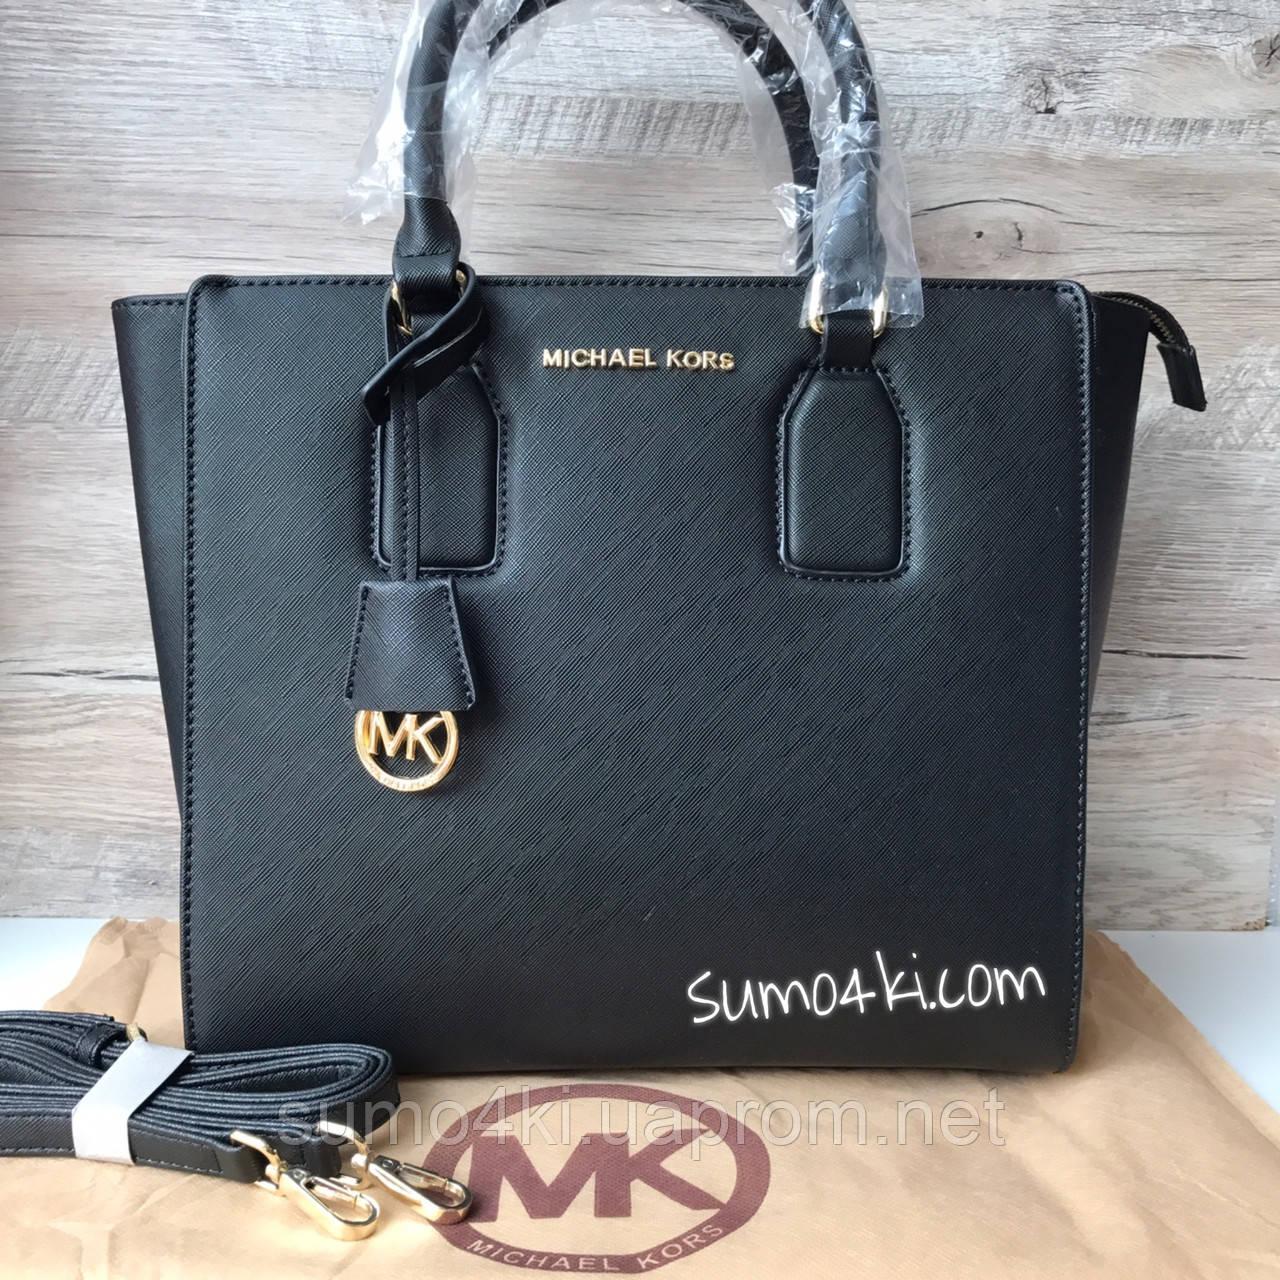 Купить Женскую сумку Michael Kors Майкла Корс чёрную оптом и в ... 362a54bf179